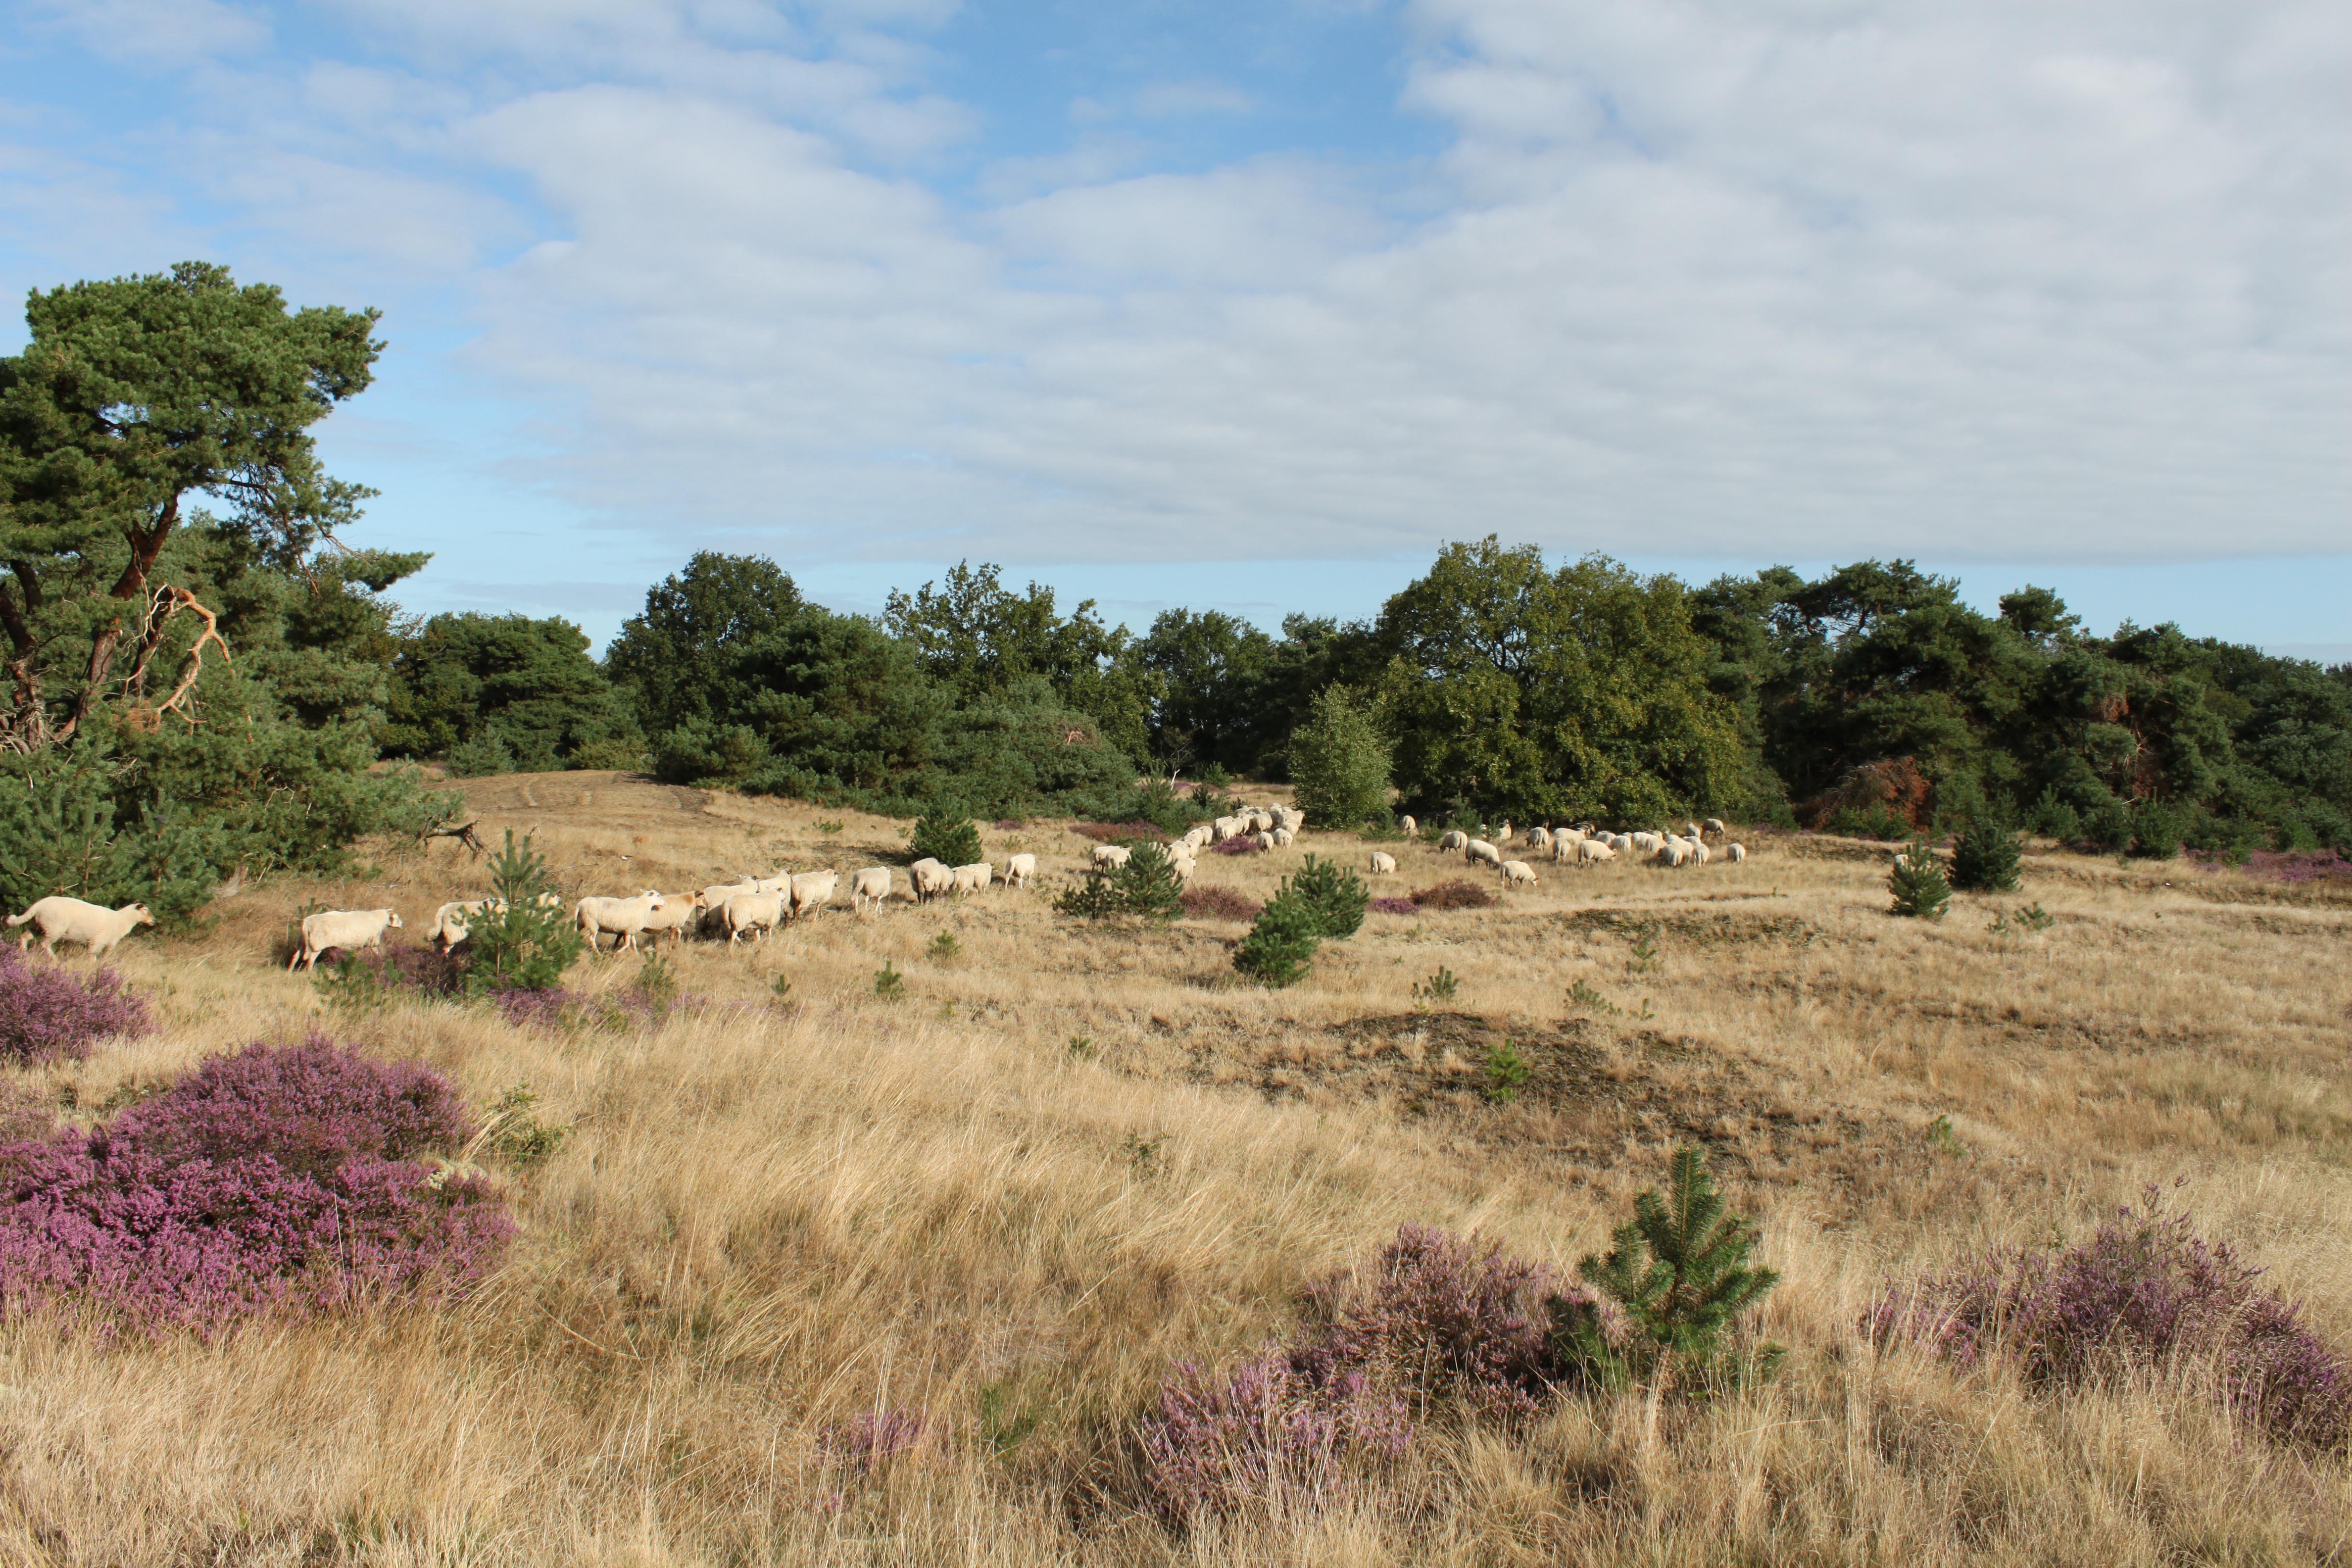 schapen volgen de herder